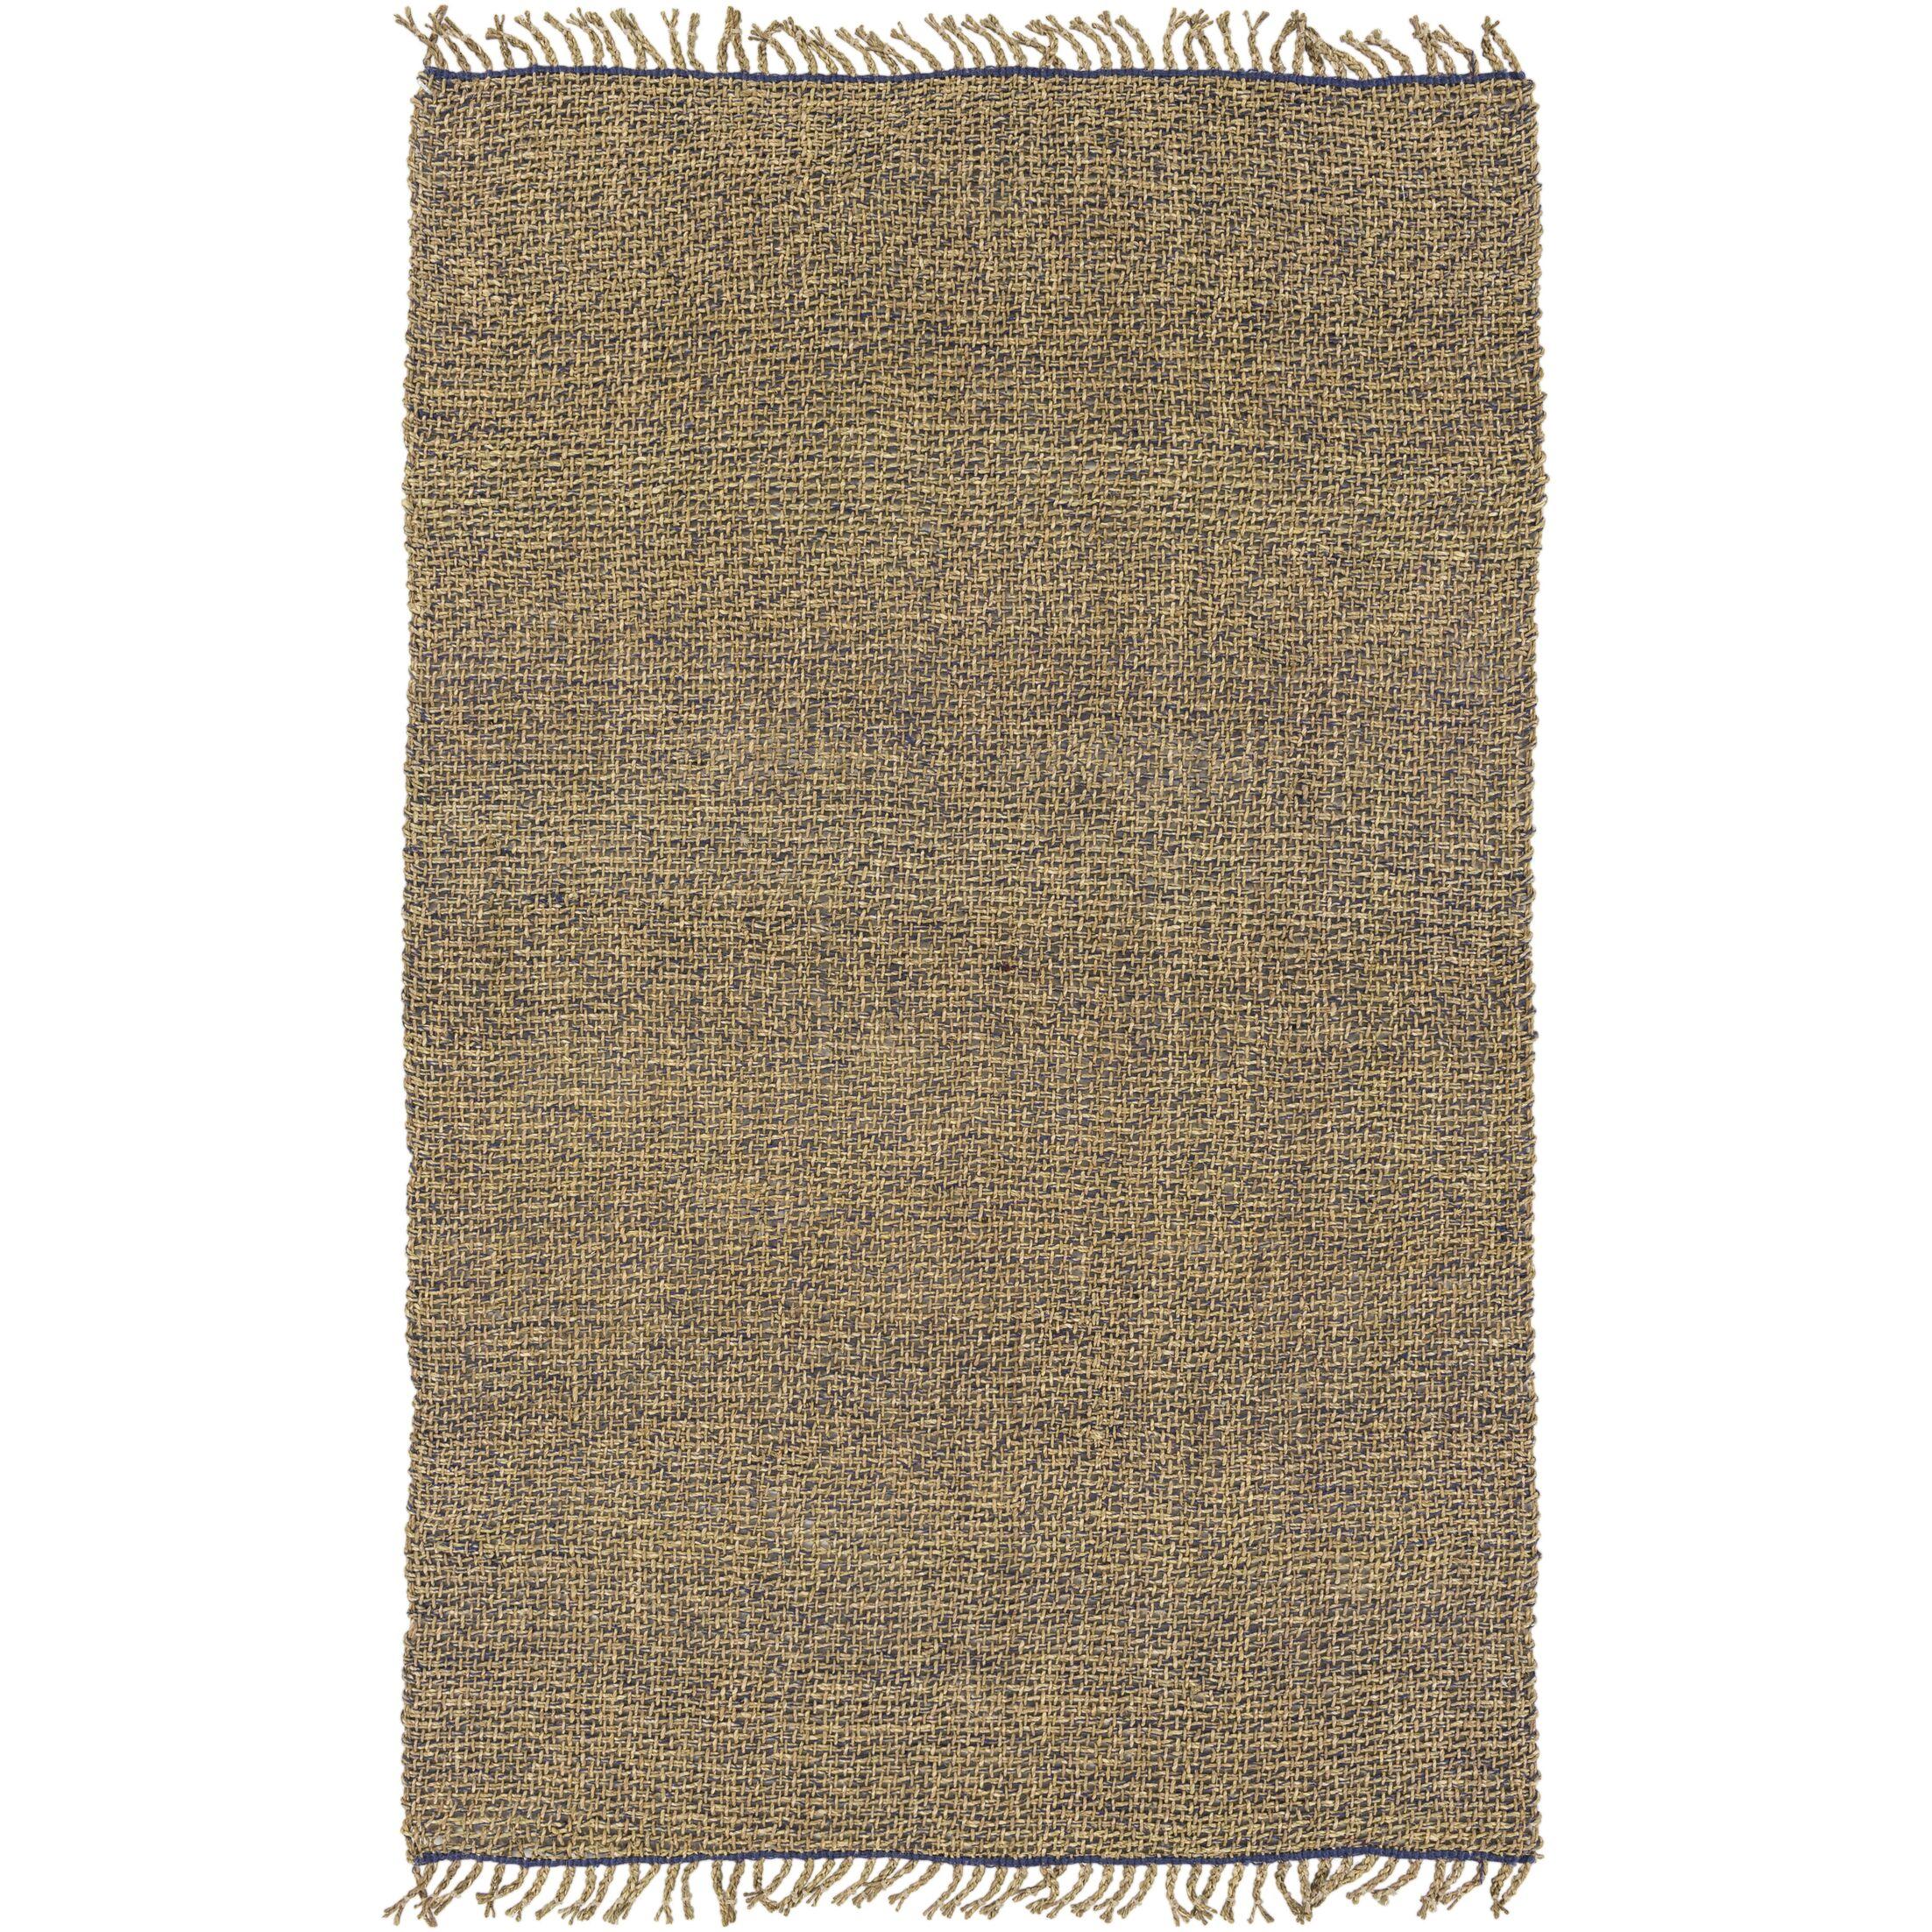 Adelia Hand-Woven Navy/Khaki Area Rug Rug Size: Rectangle 8' x 10'